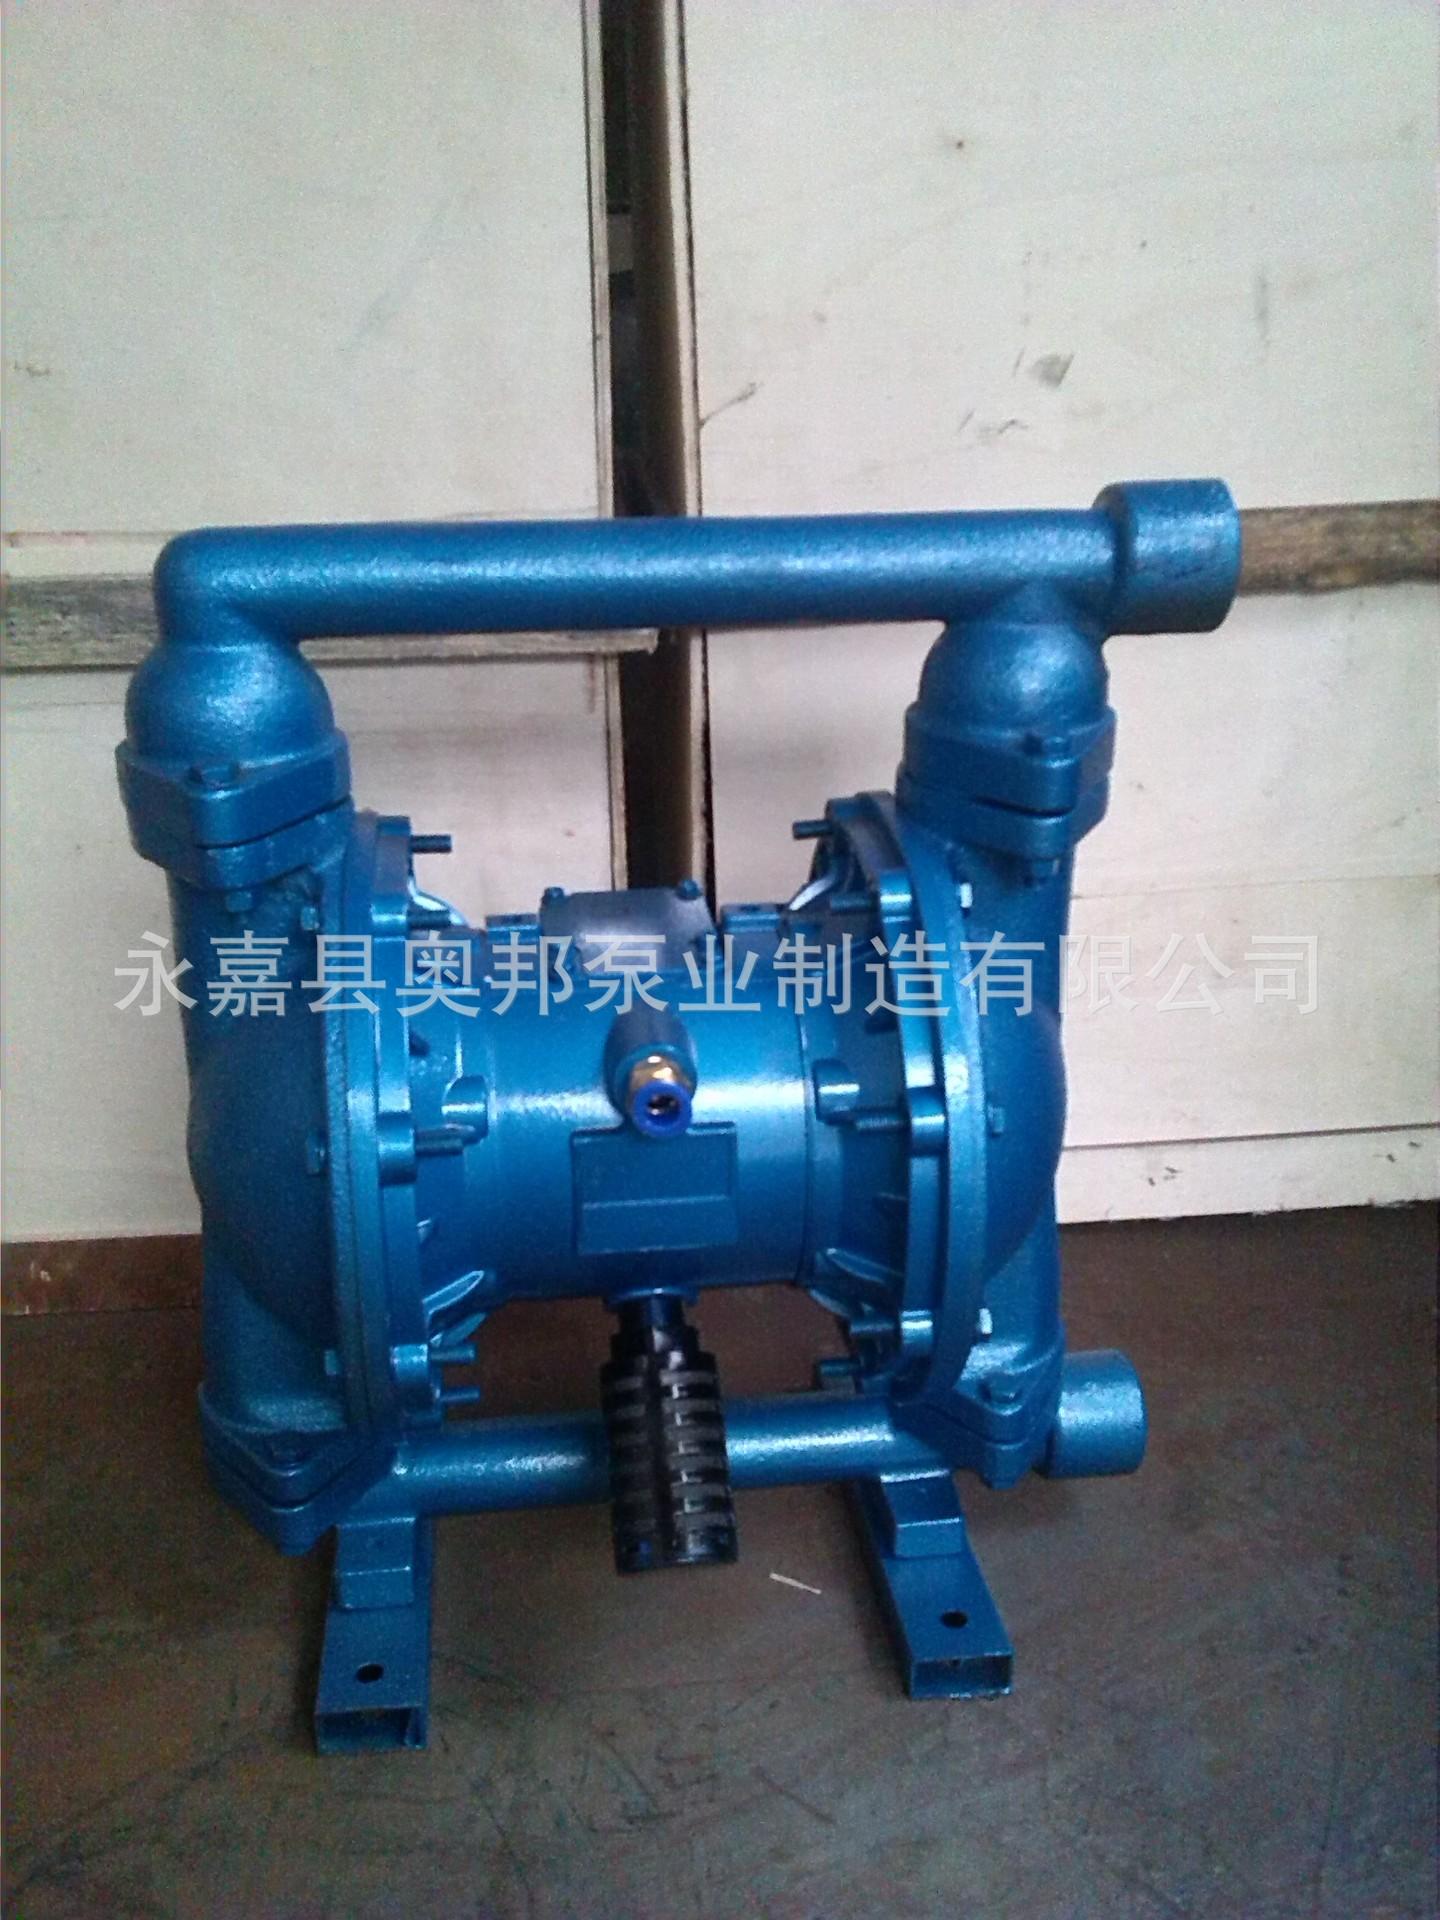 气动泵的工作原理图_气动隔膜泵工作原理及性能介绍 - 阿里巴巴商友圈